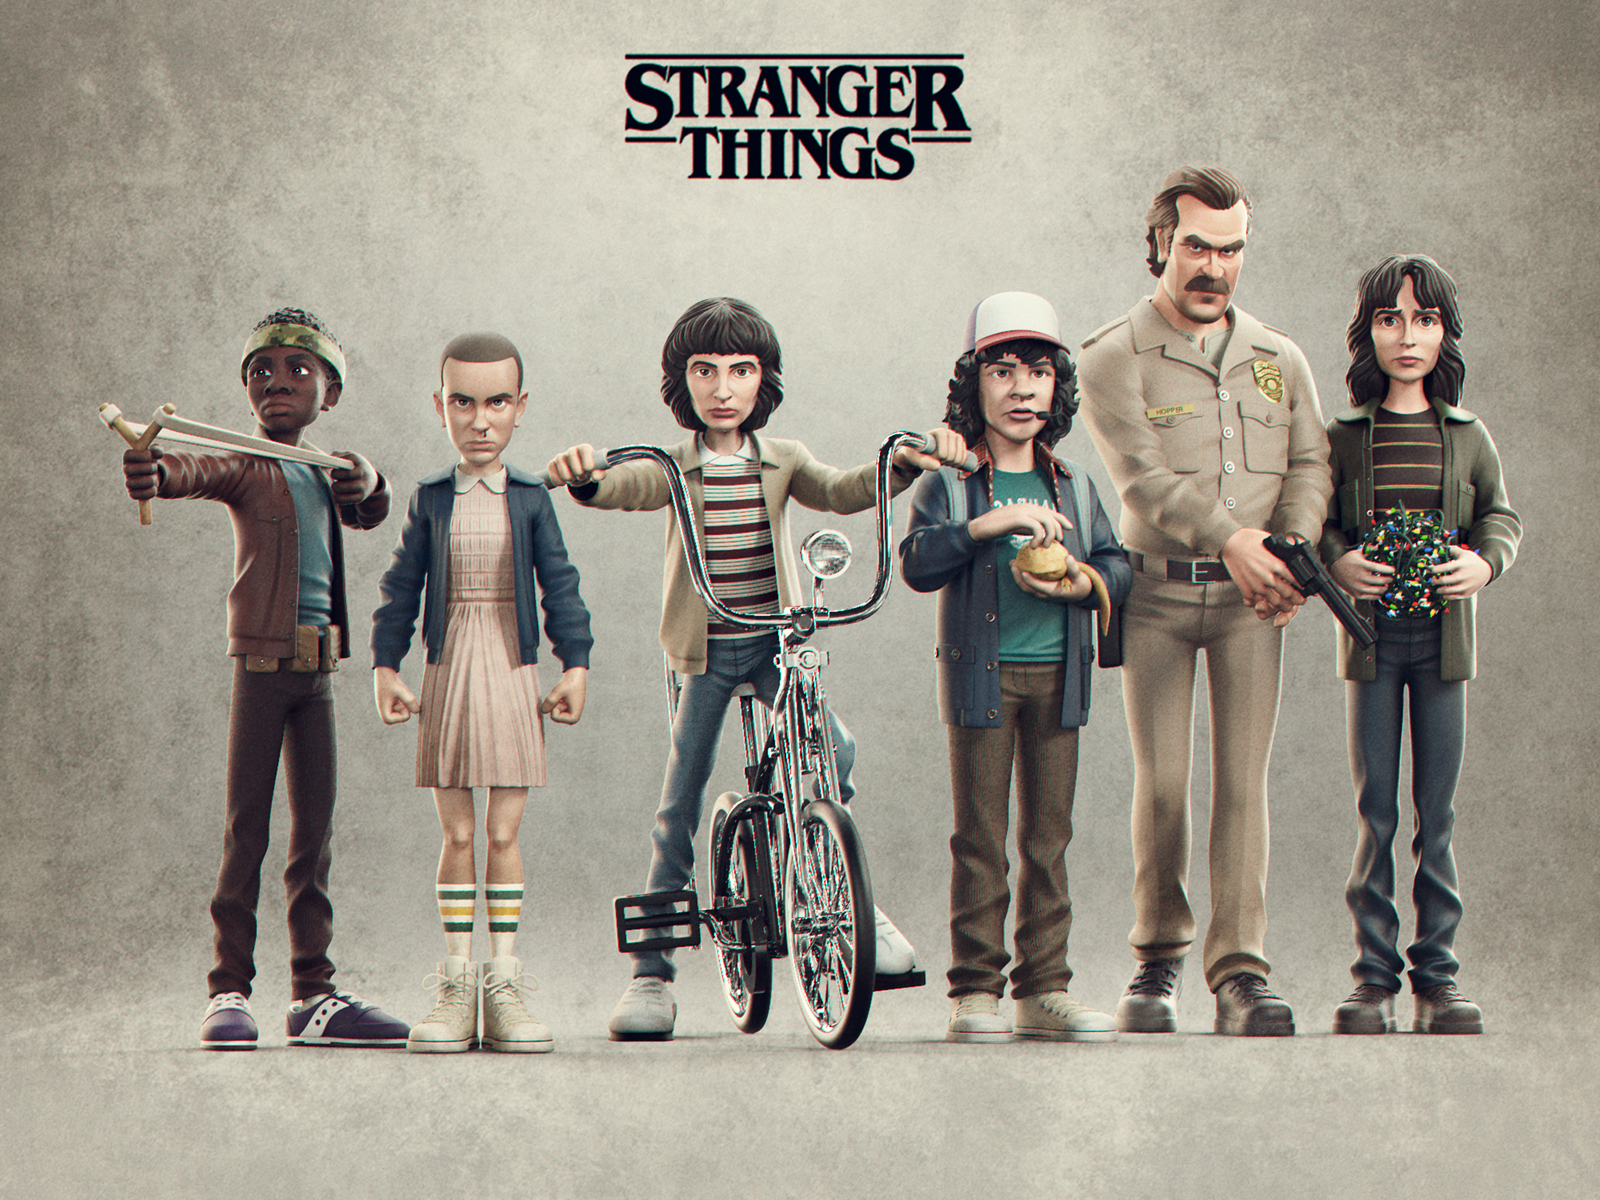 stranger-things-season-4-artwork-sc.jpg